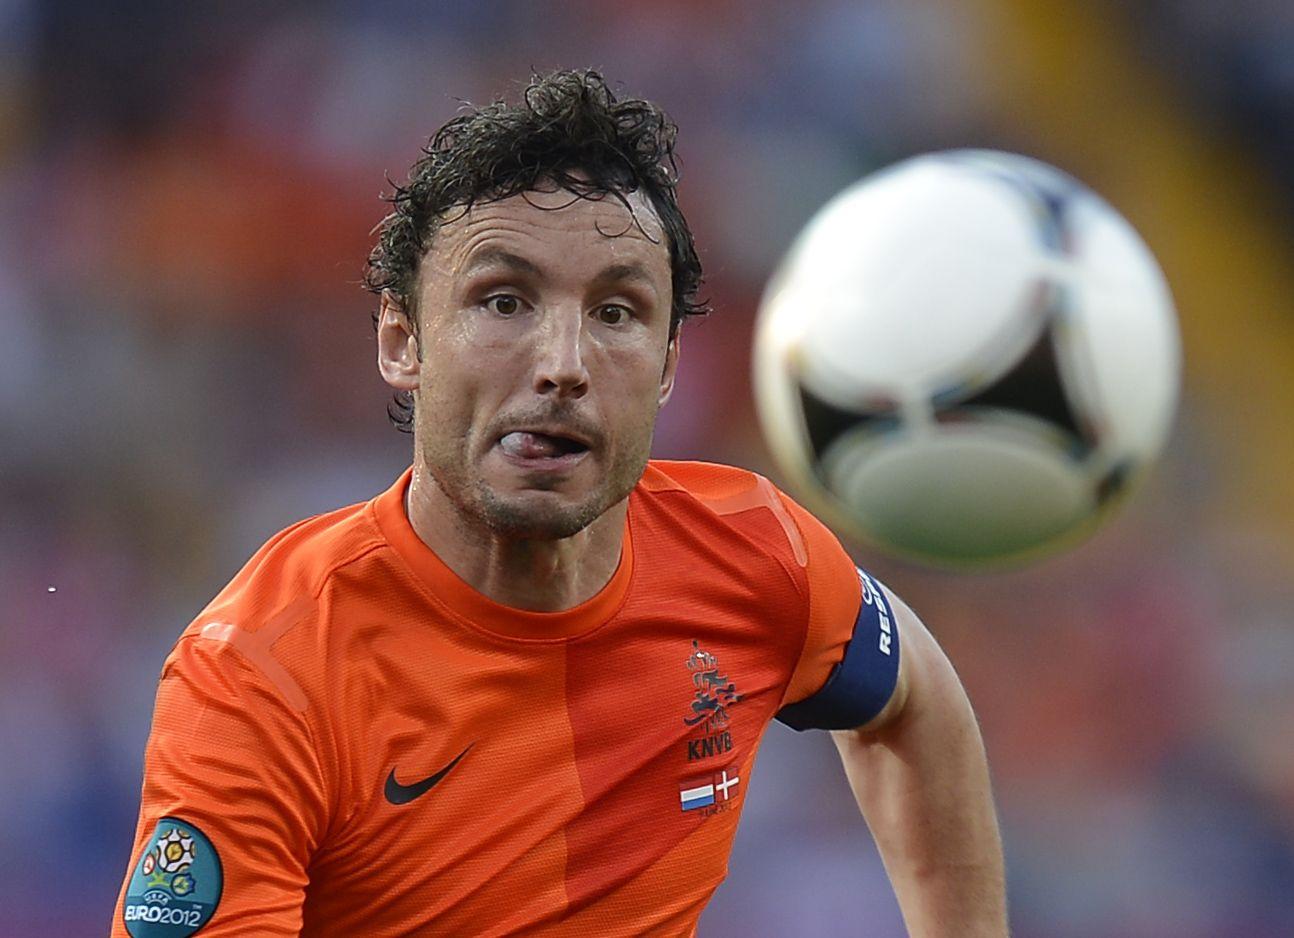 FBL-EURO-2012-NED-DEN-MATCH03